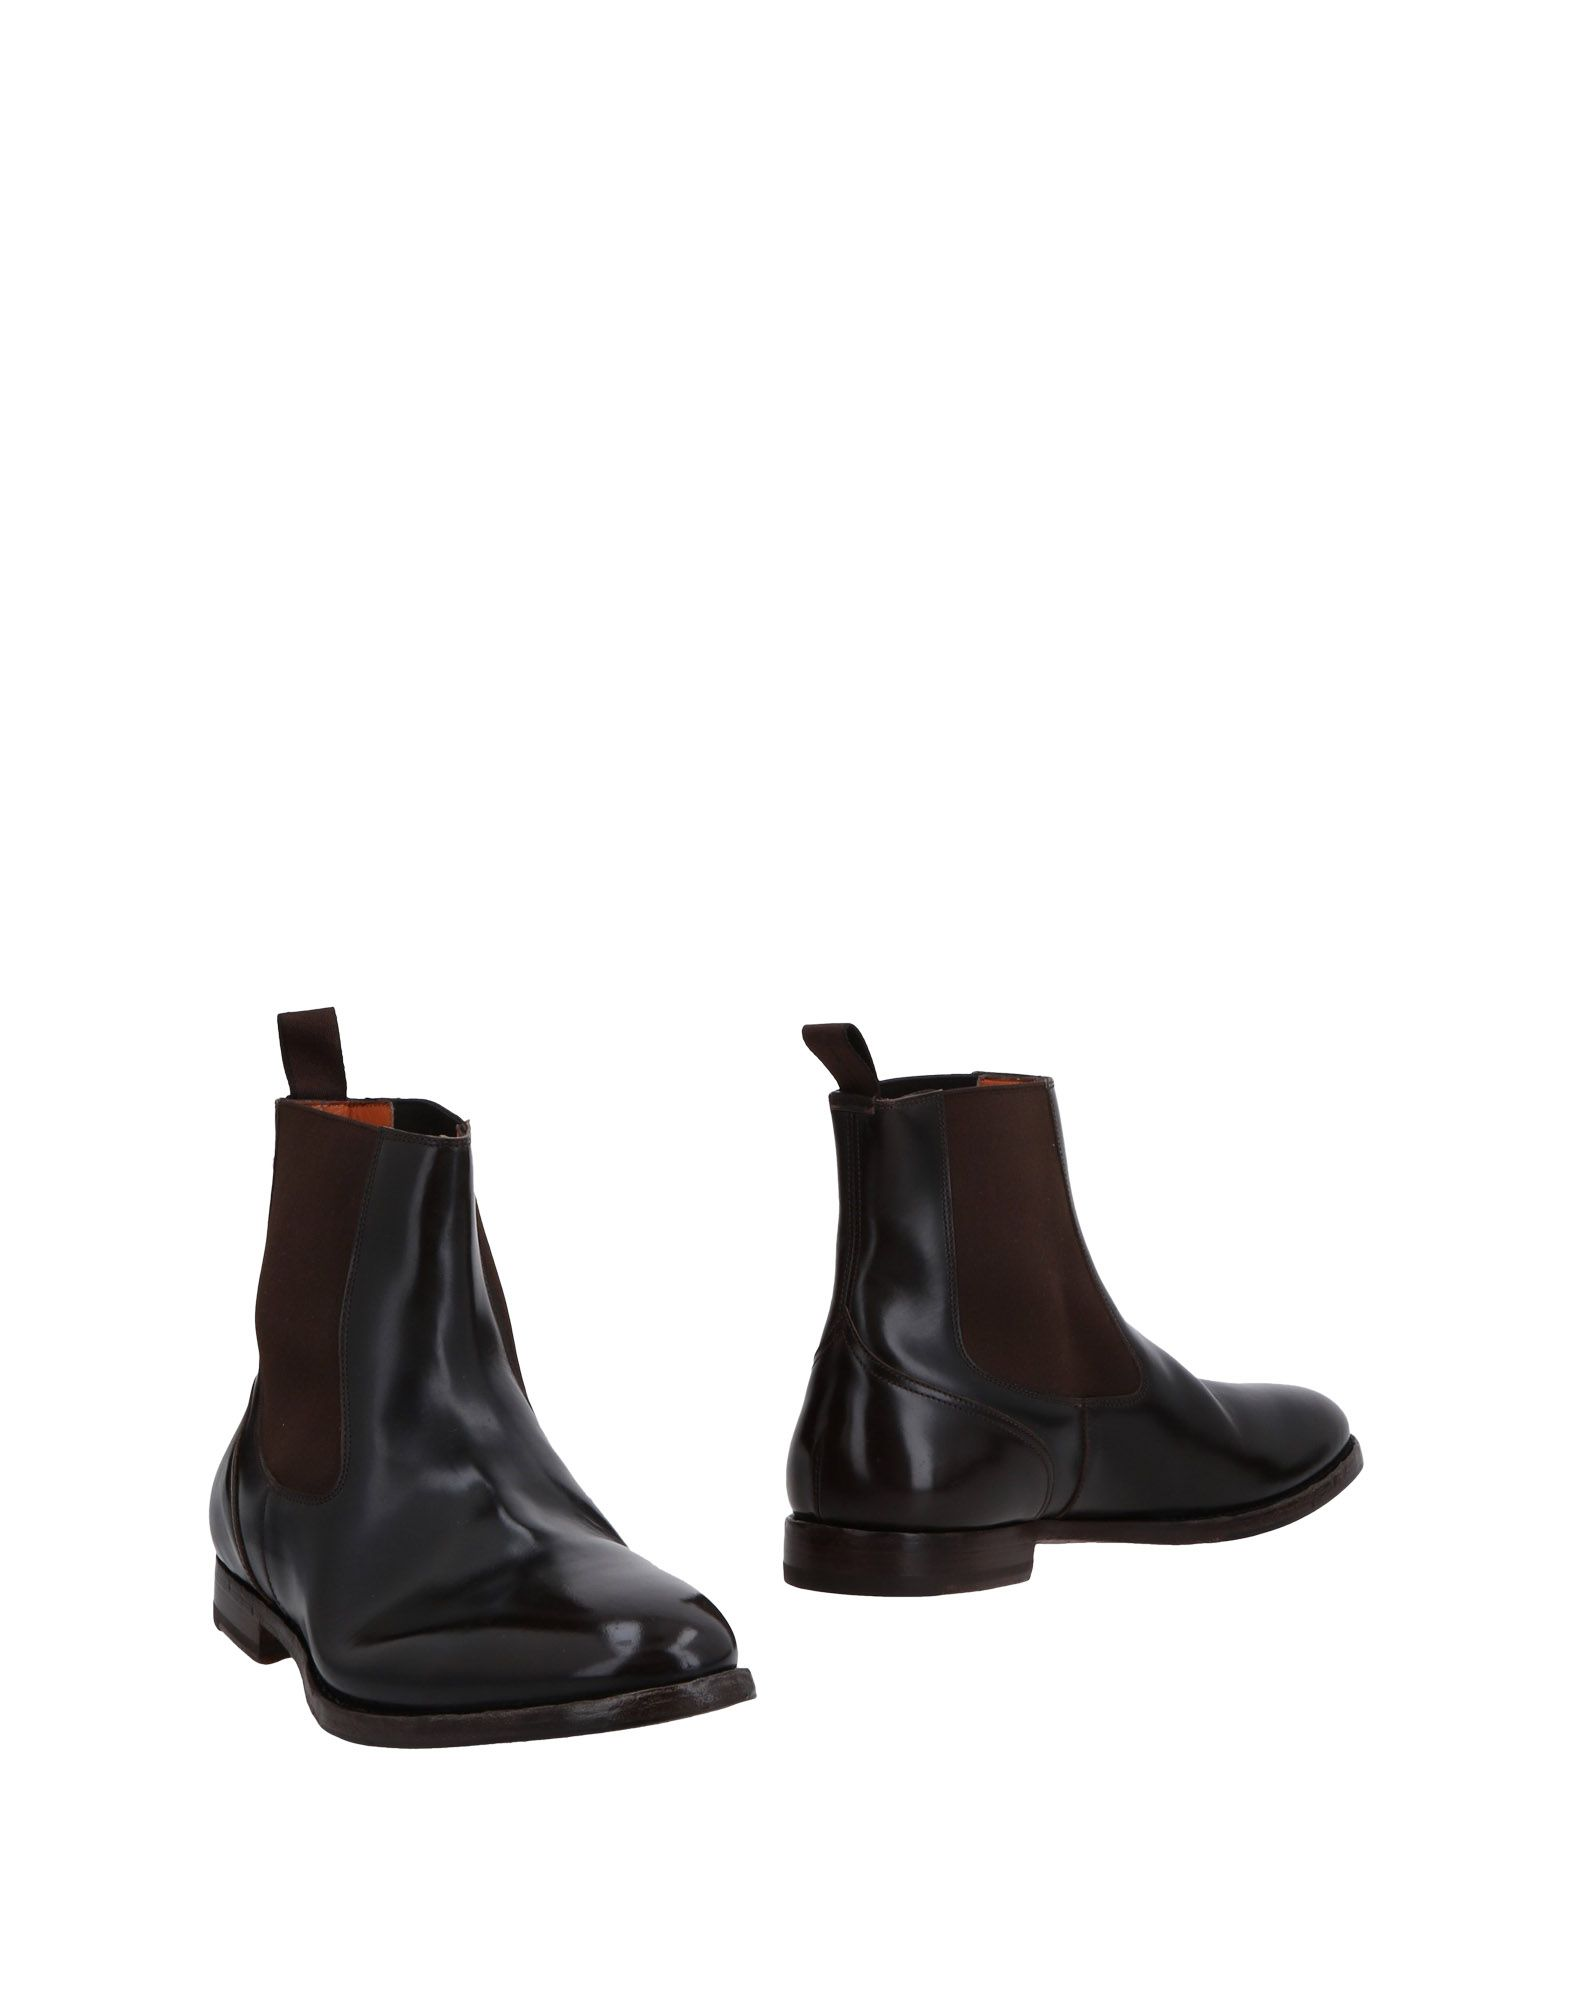 Santoni Stiefelette Qualität Herren  11478724CP Gute Qualität Stiefelette beliebte Schuhe 79298d